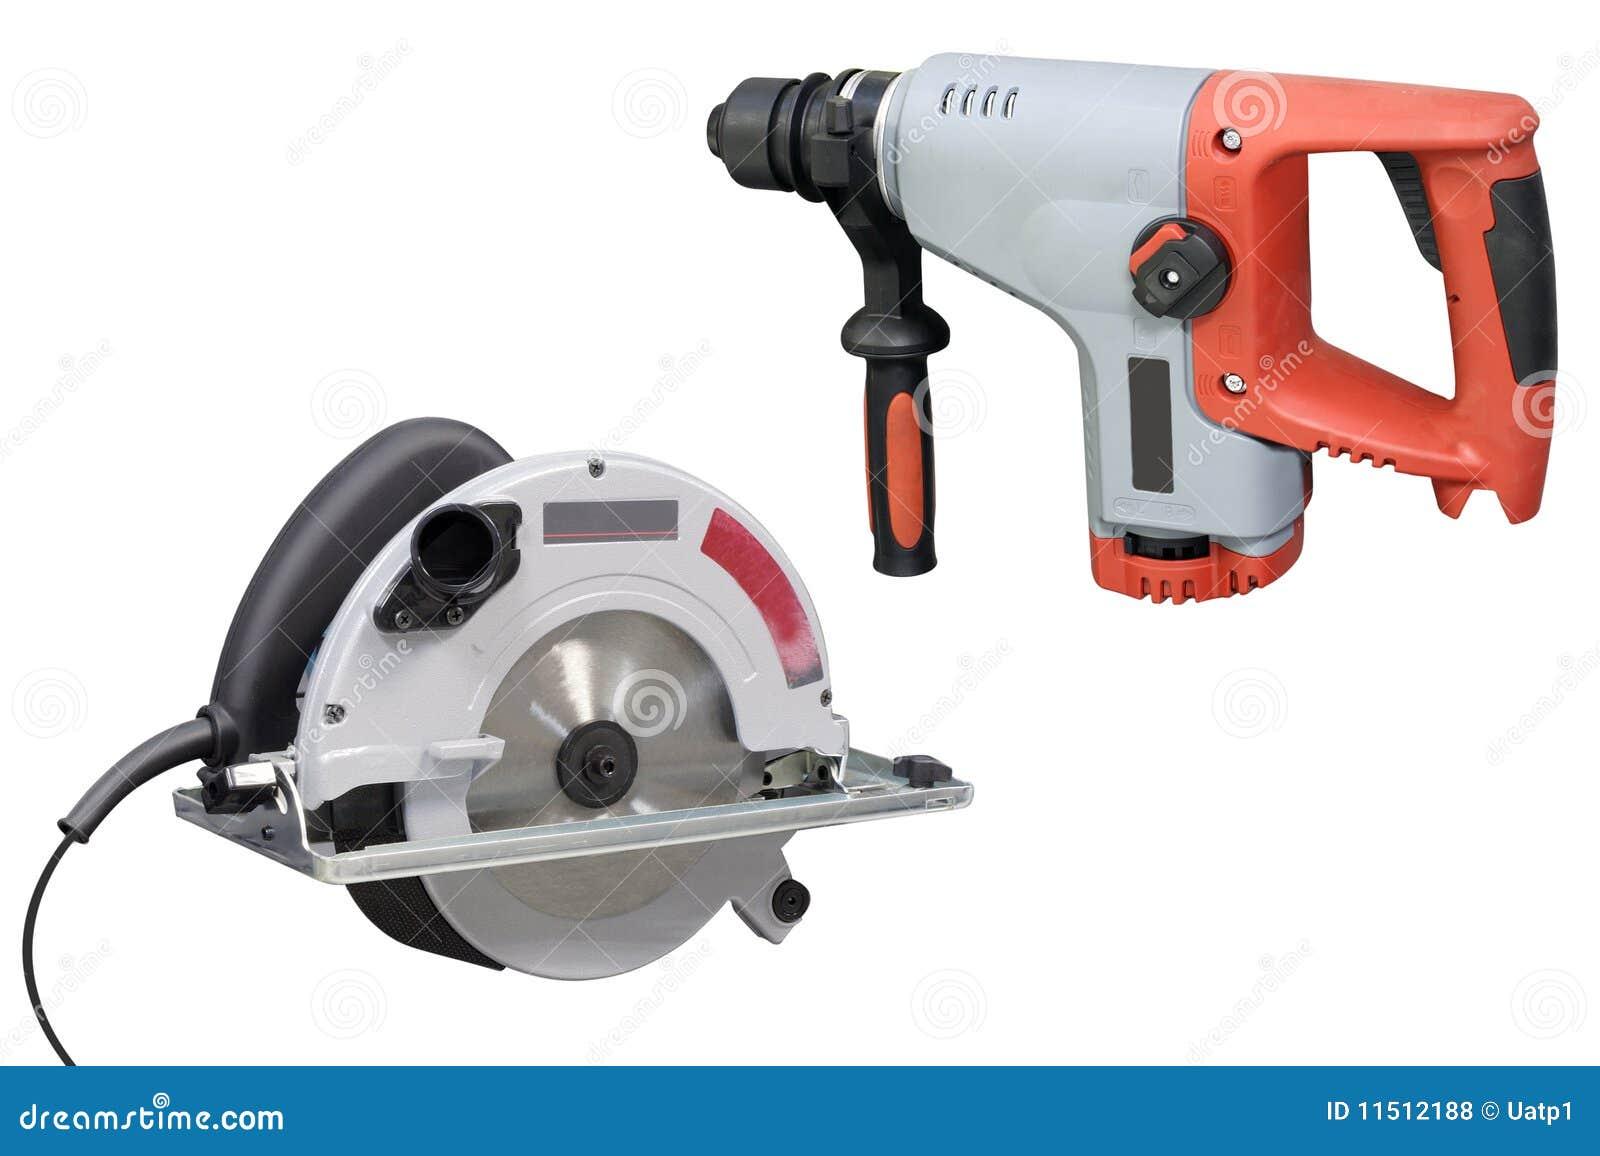 perforator und elektrische säge stockfoto - bild von haus